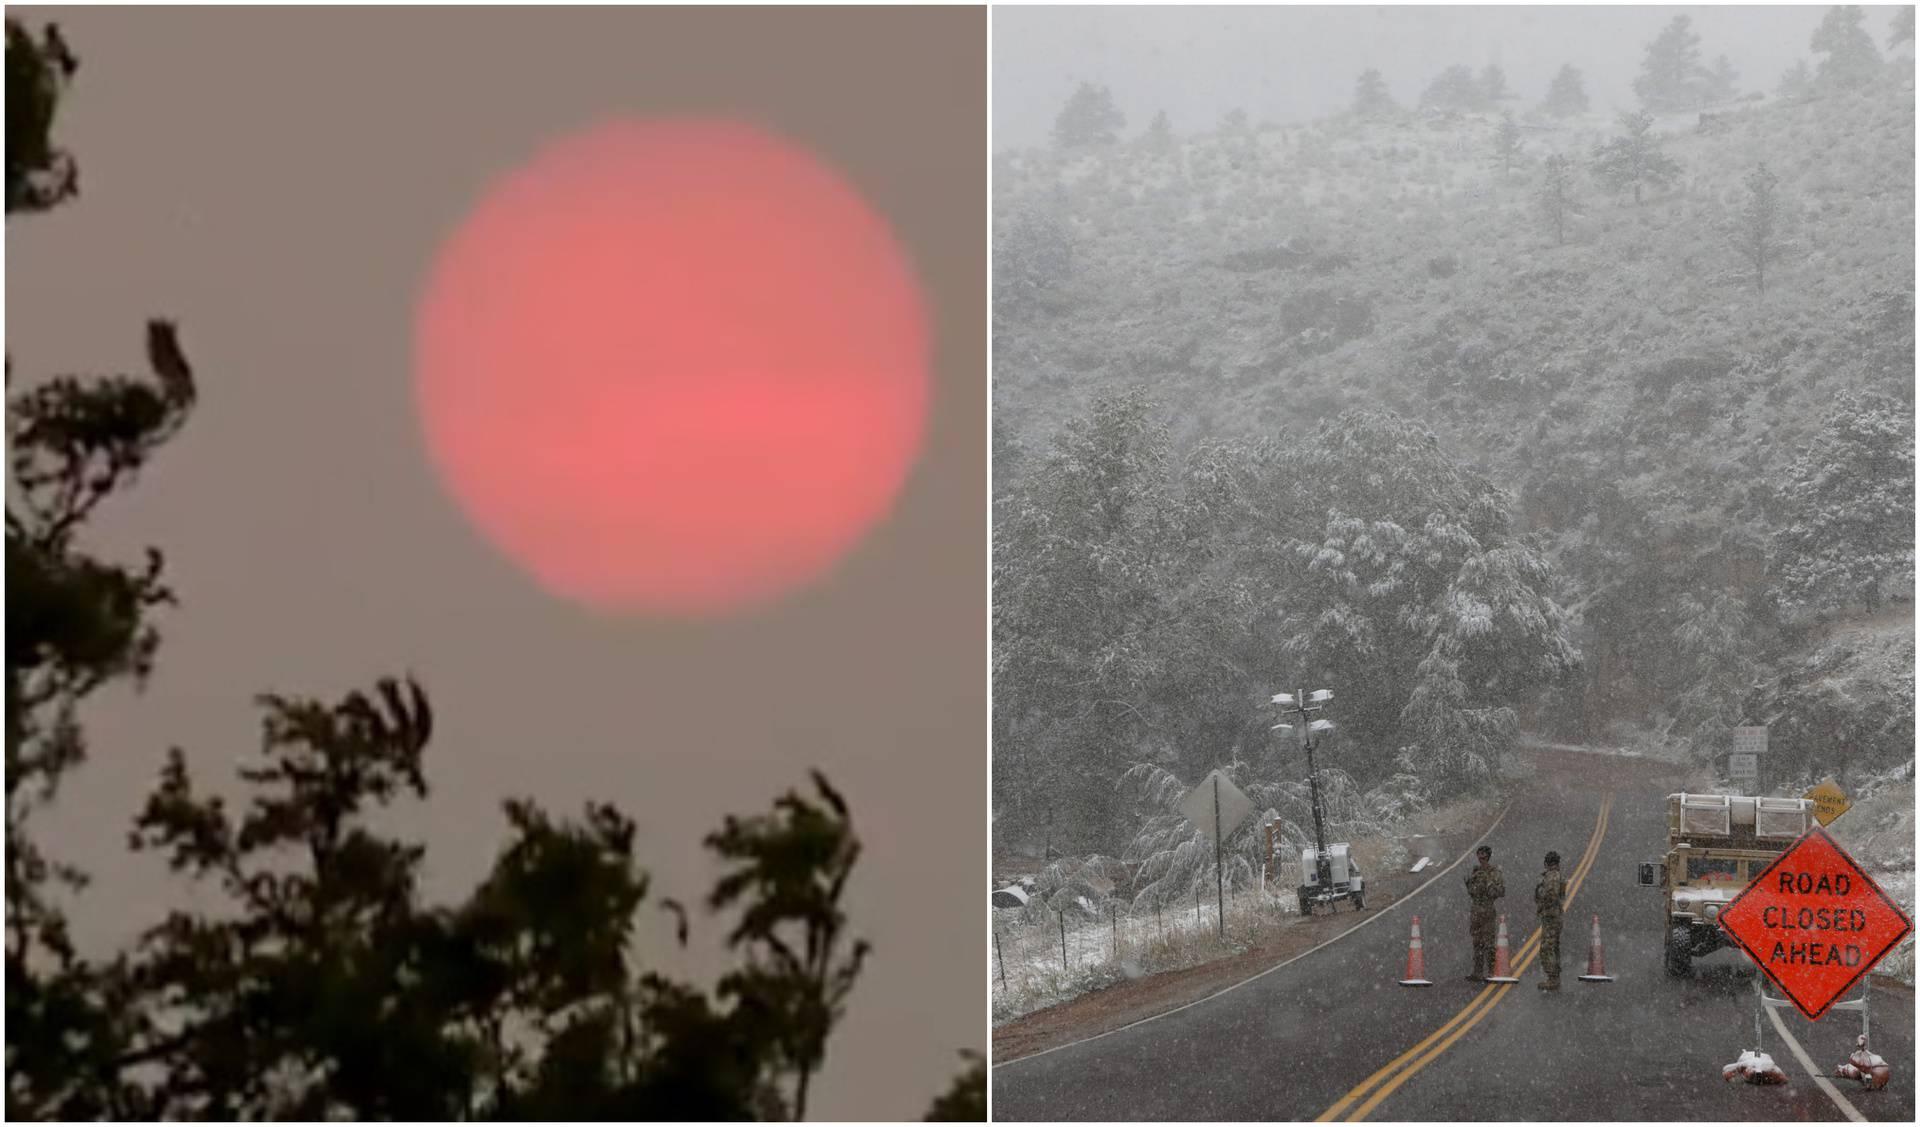 Oteli im ljeto: Od toplinskog vala do snijega u jednom  danu